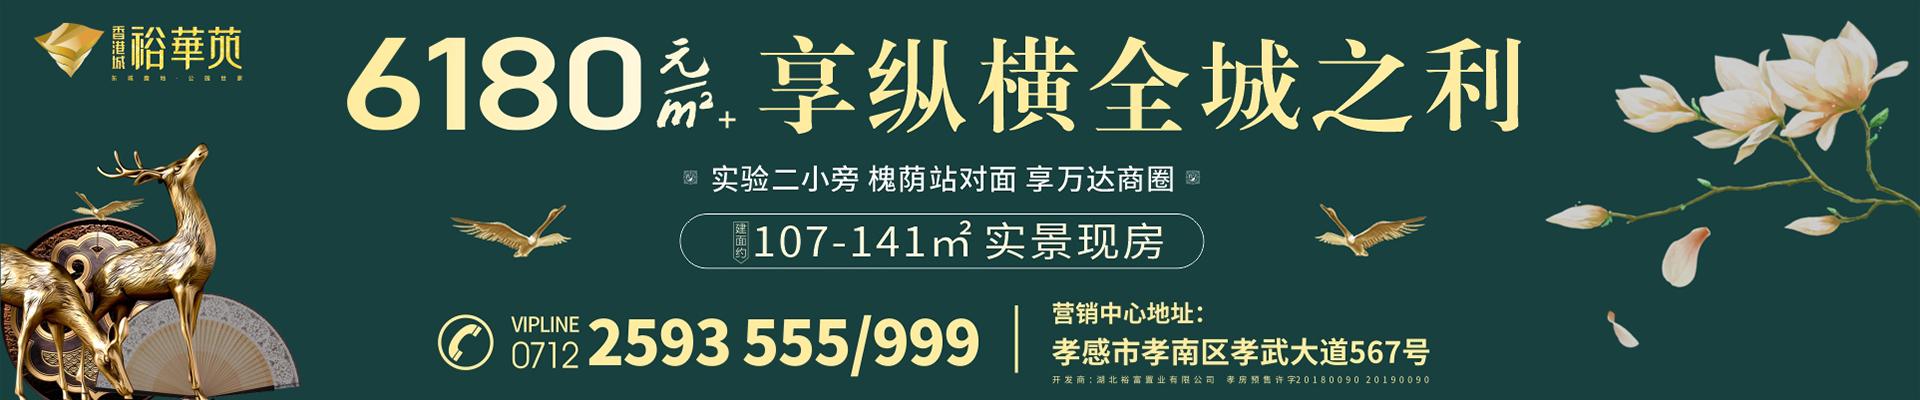 香港城裕华苑